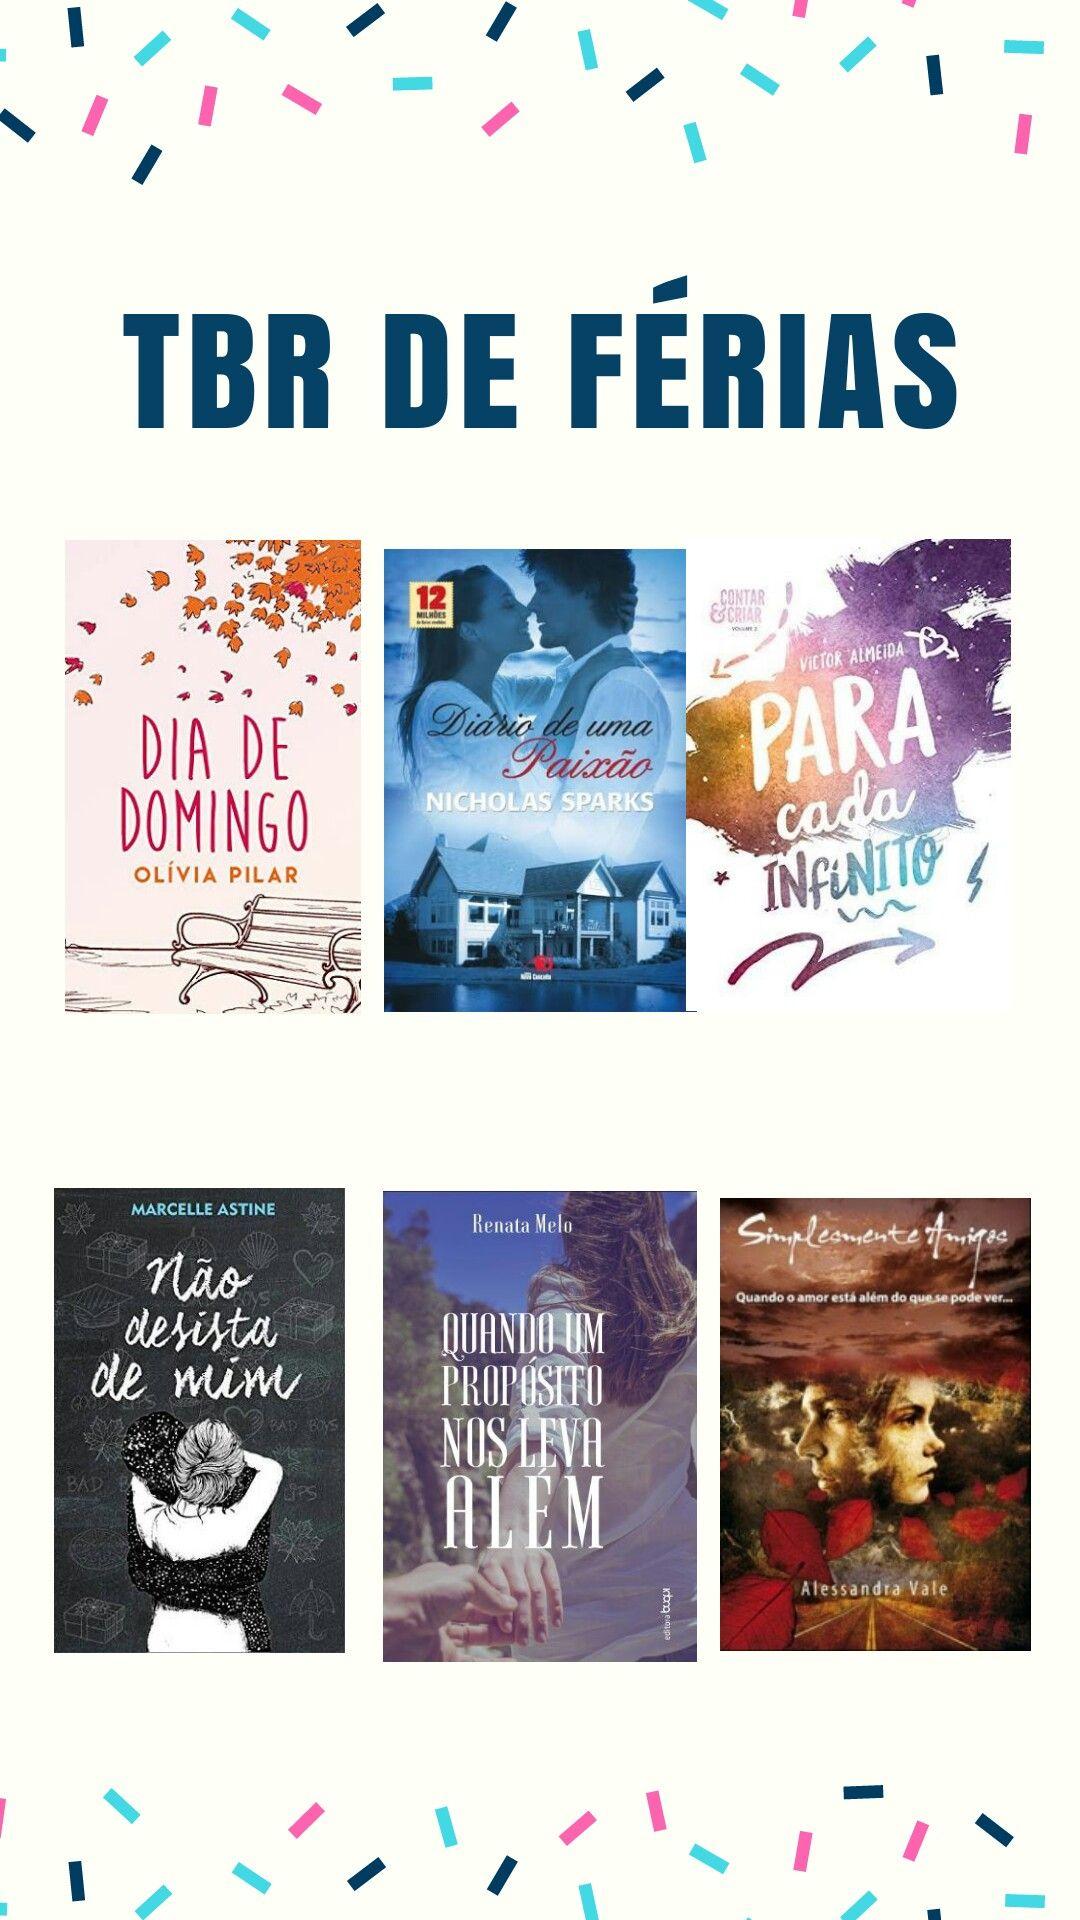 4 Livros Para Ler Em Dias Frios Livros Resenhas De Livros E